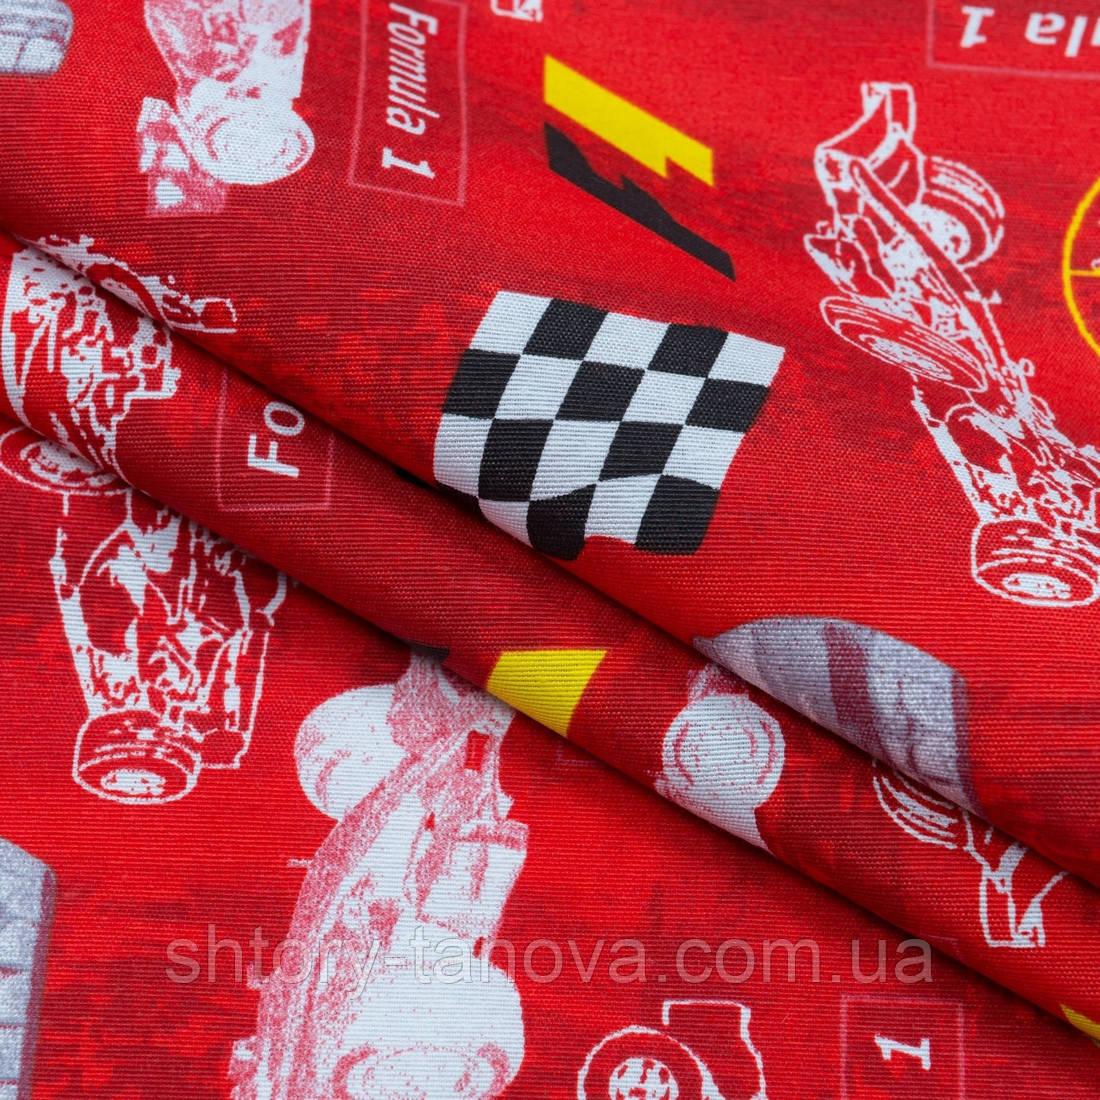 Декоративная ткань формула /formula красный